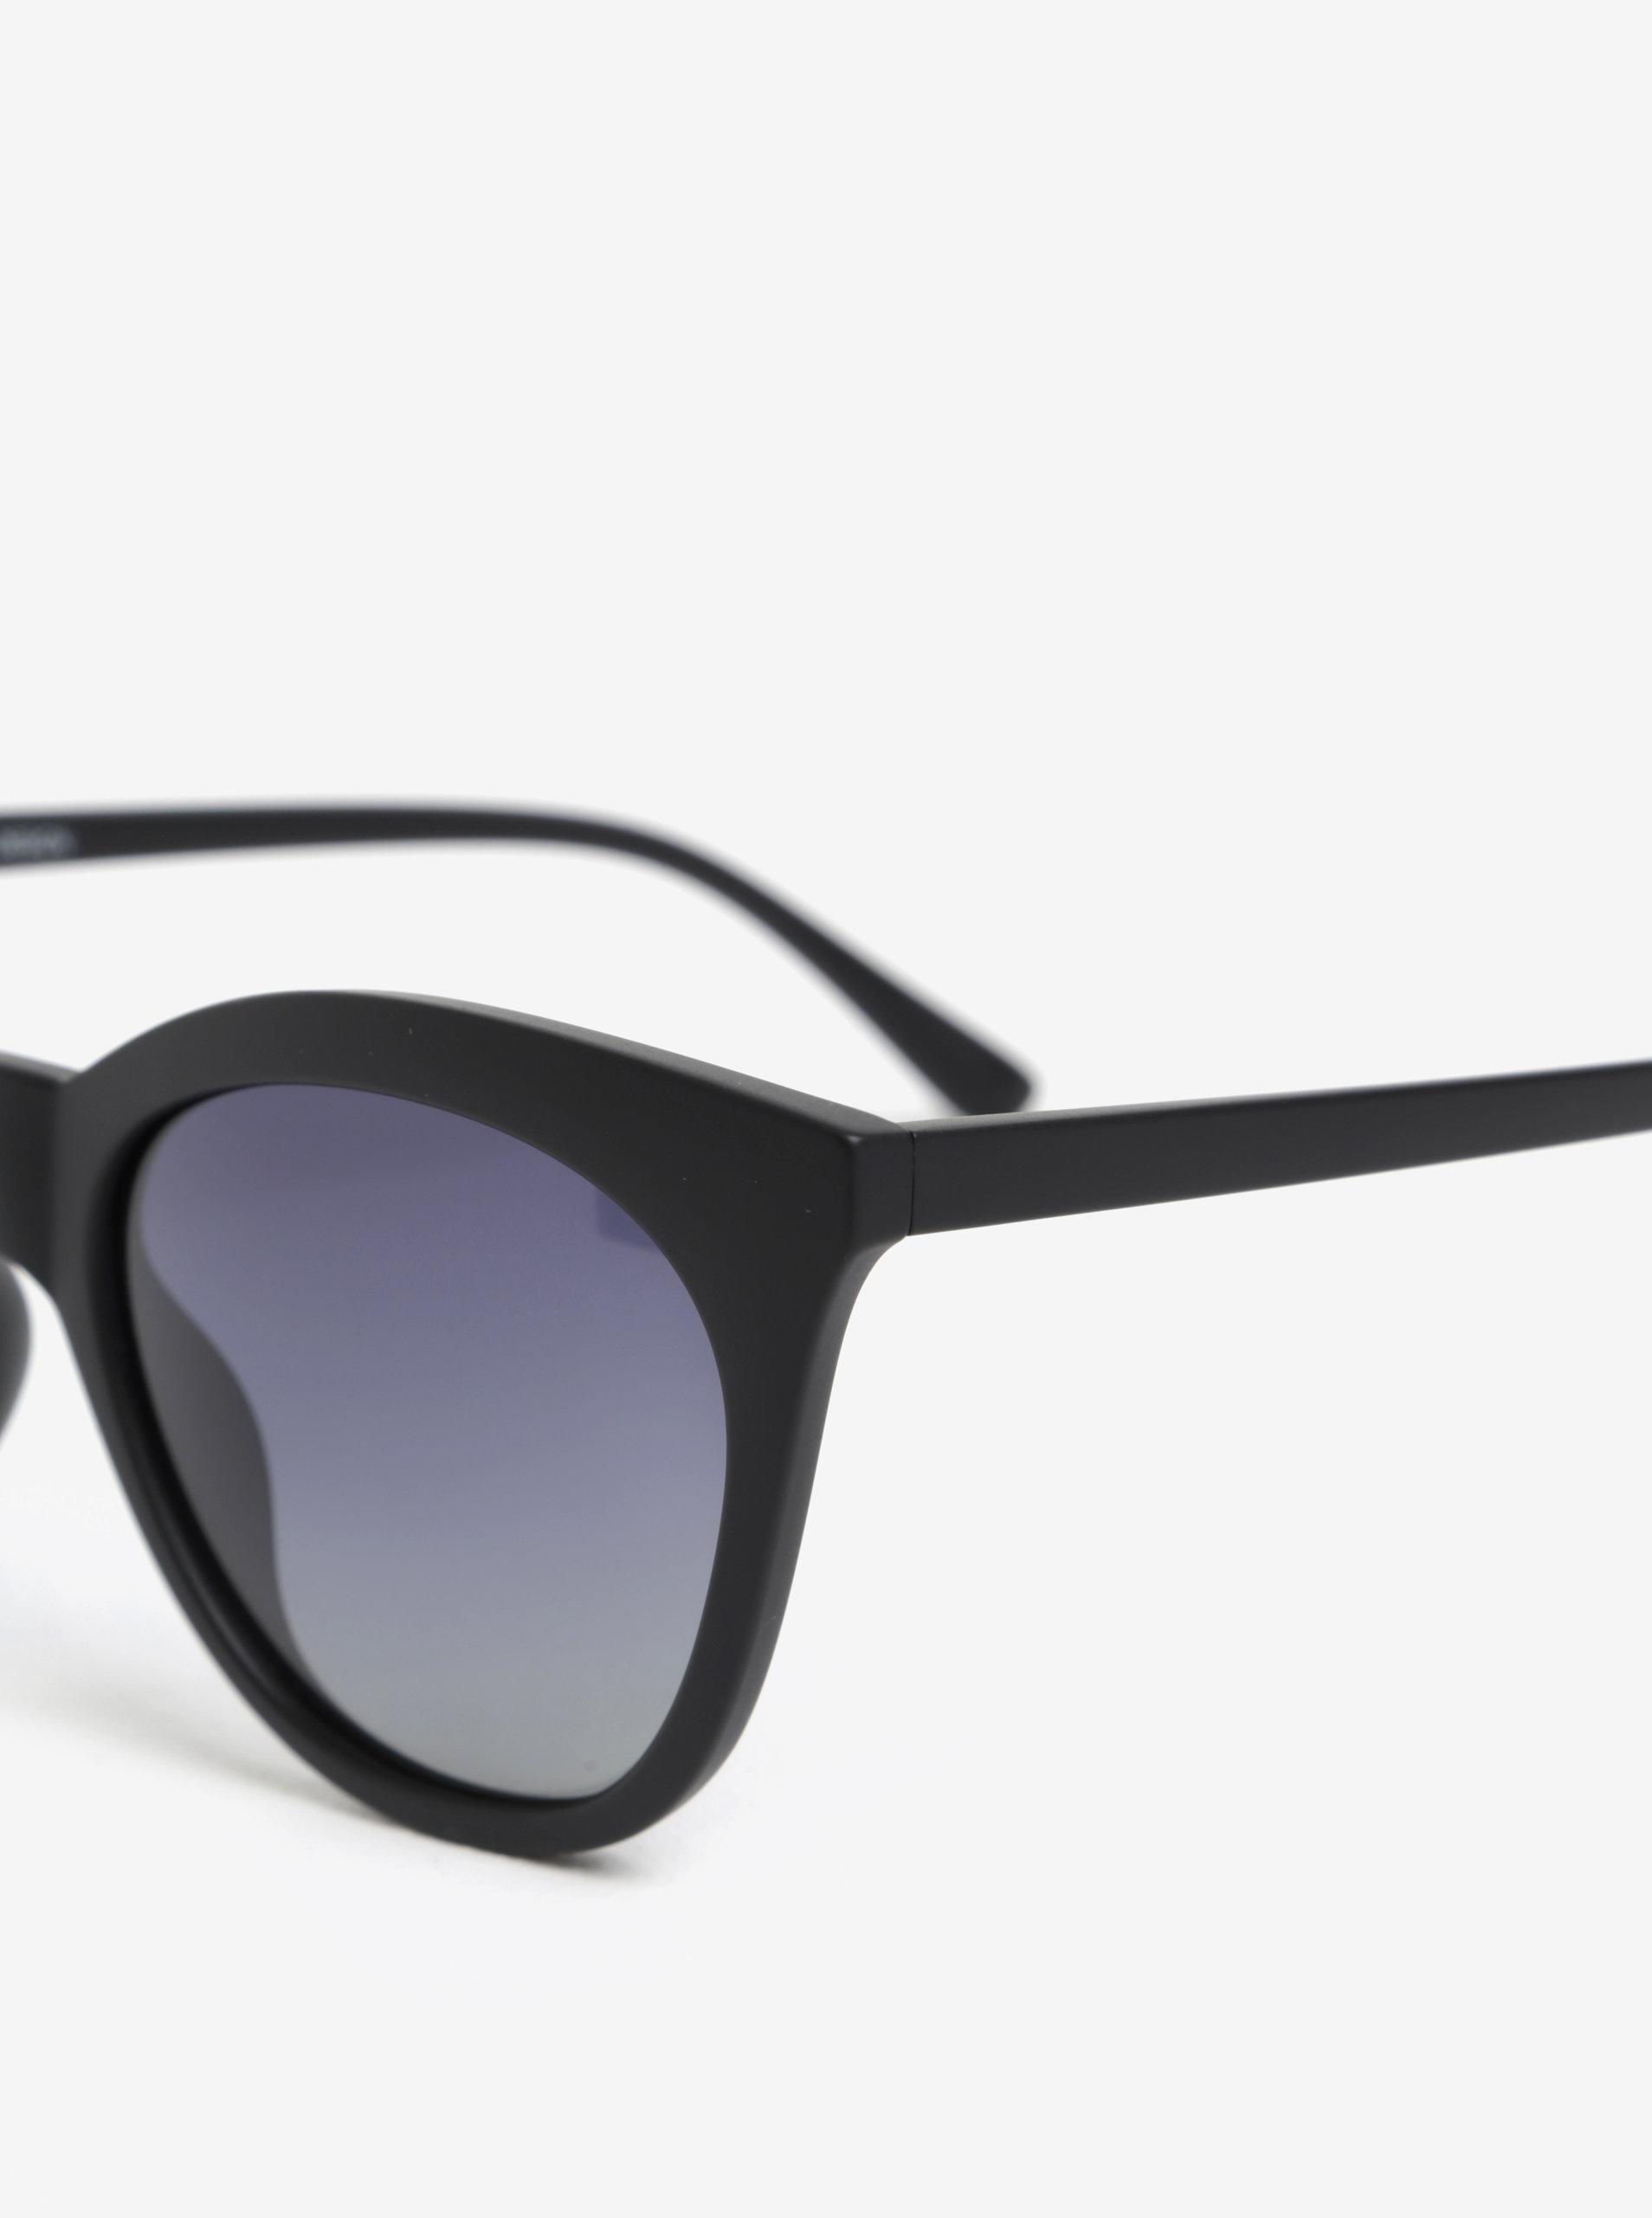 afddcb0d5 Čierne dámske slnečné okuliare Pilgrim Ivy   ZOOT.sk